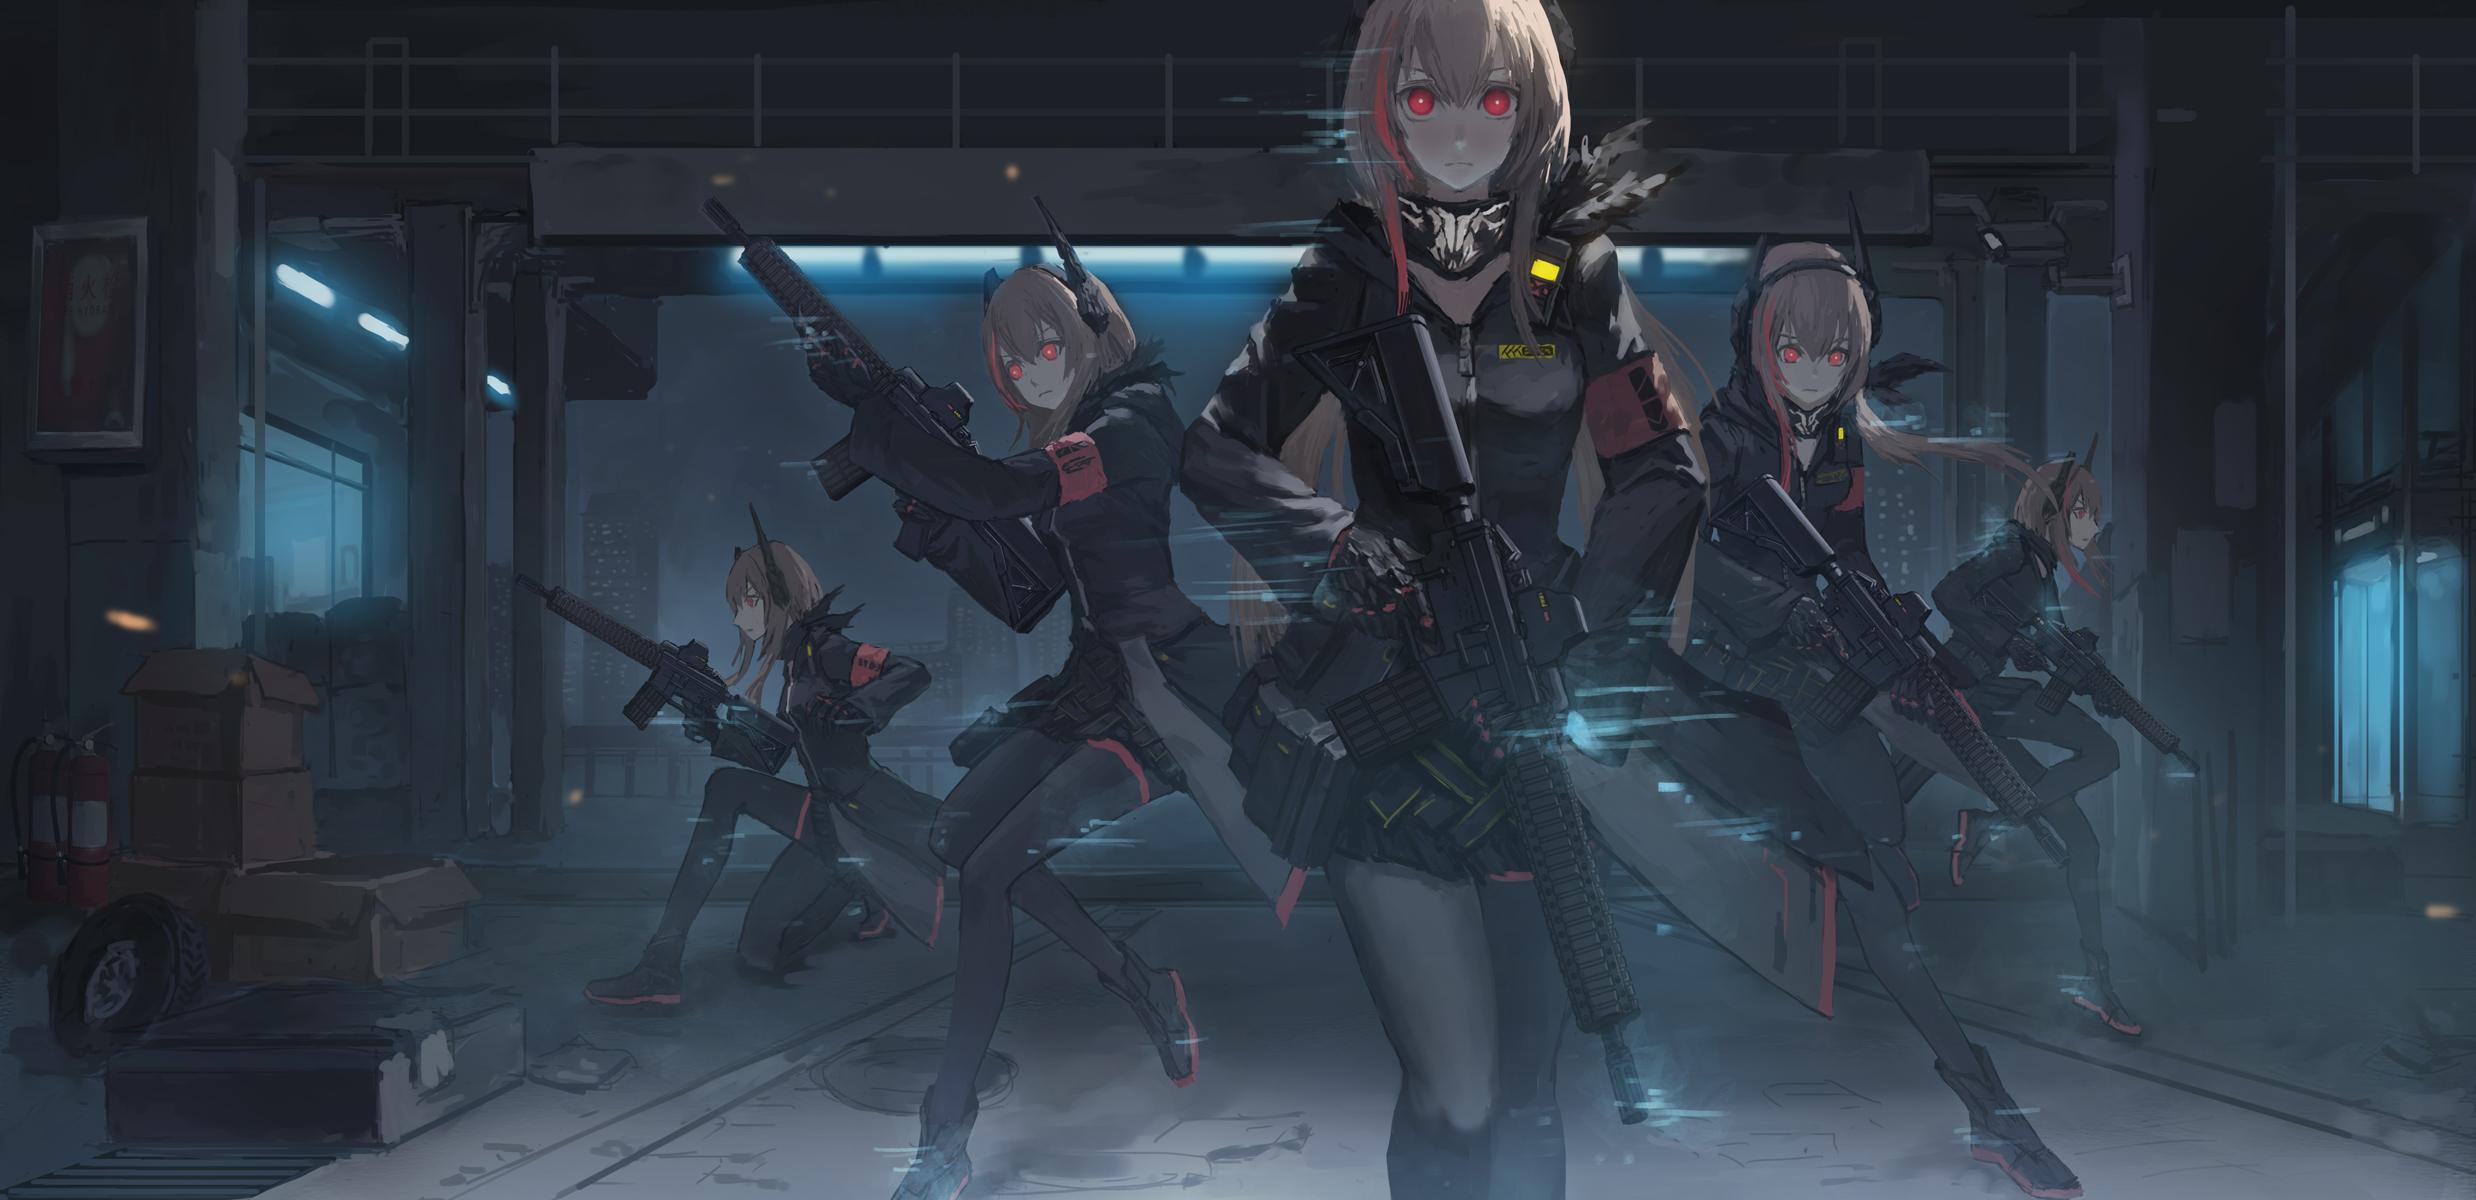 Anime Sniper Girl Wallpaper Hd Girls Frontline Hd Wallpaper Background Image